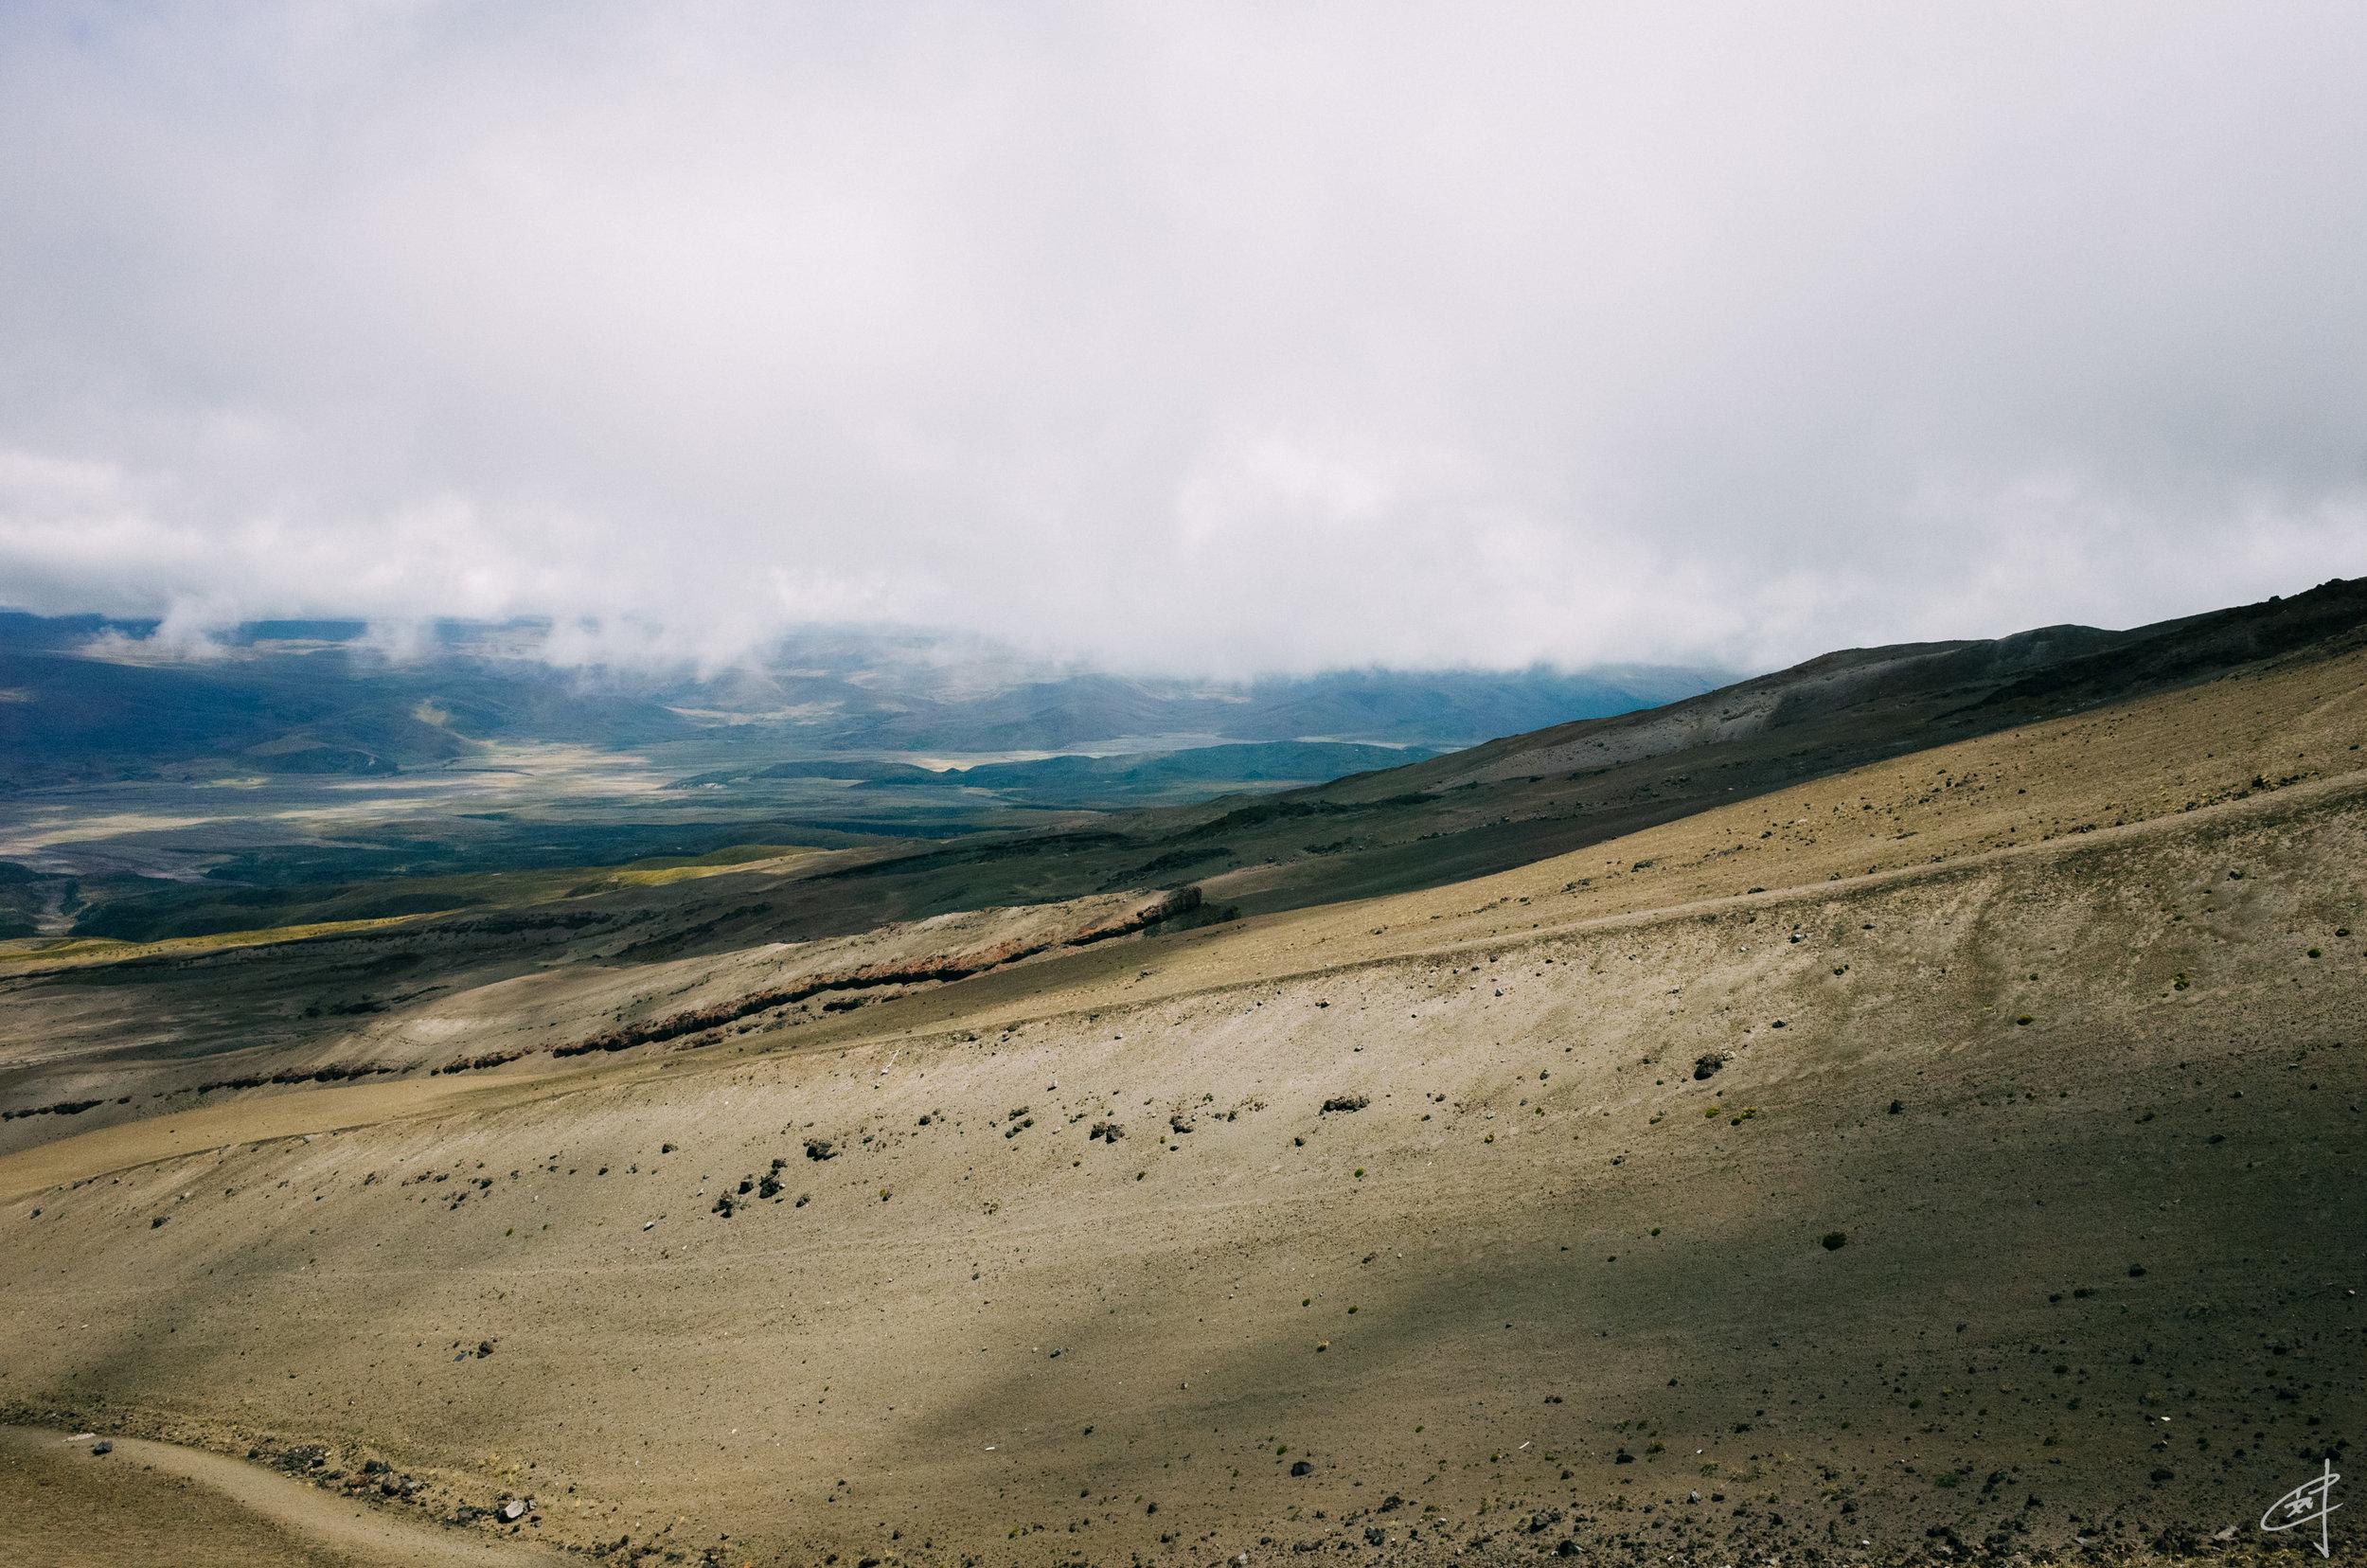 Parque Nacional Cotopaxi, 2018